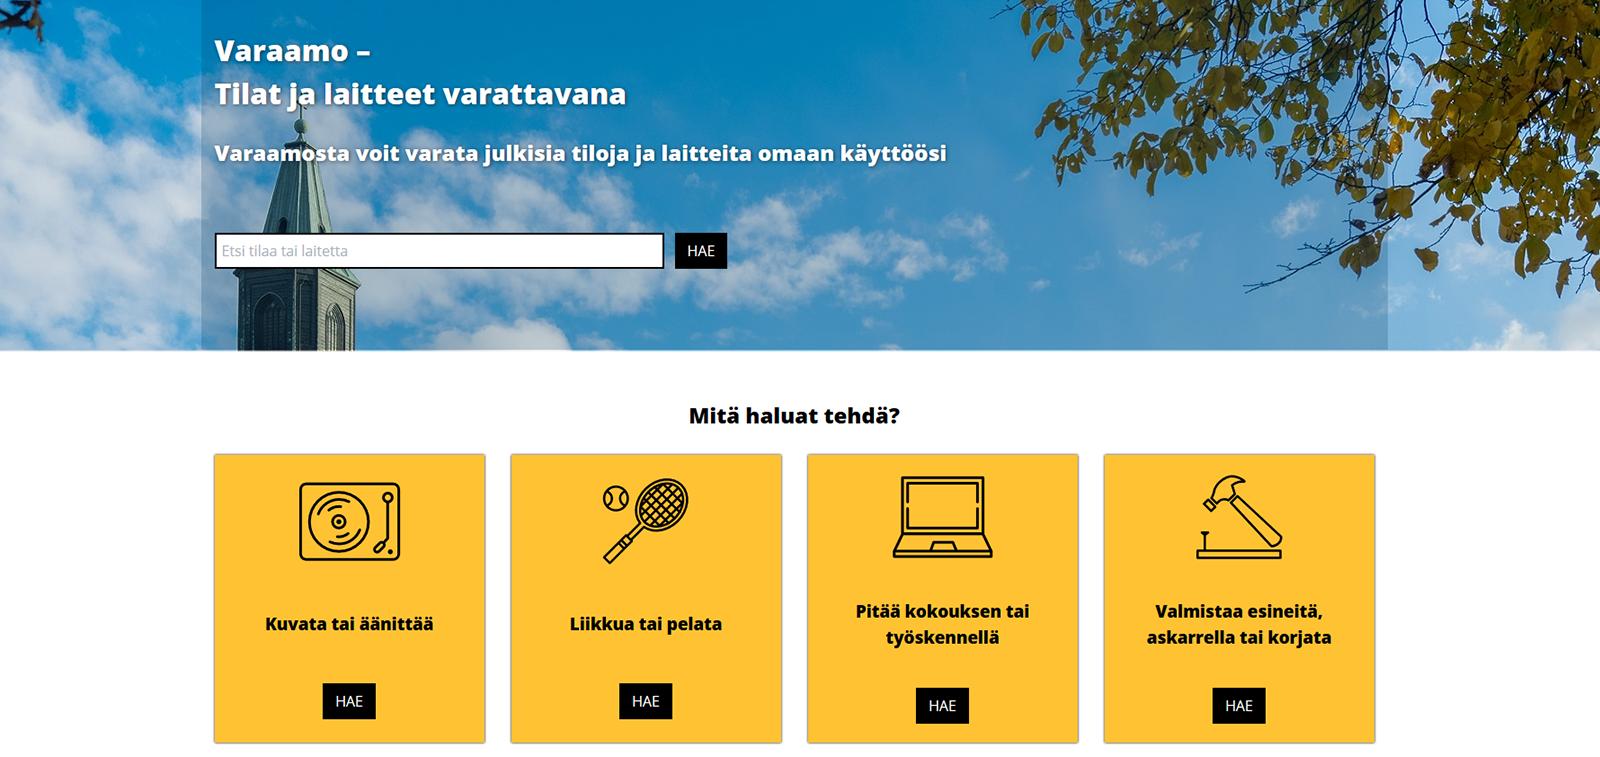 Sivuston varaamo.turku.fi etusivu